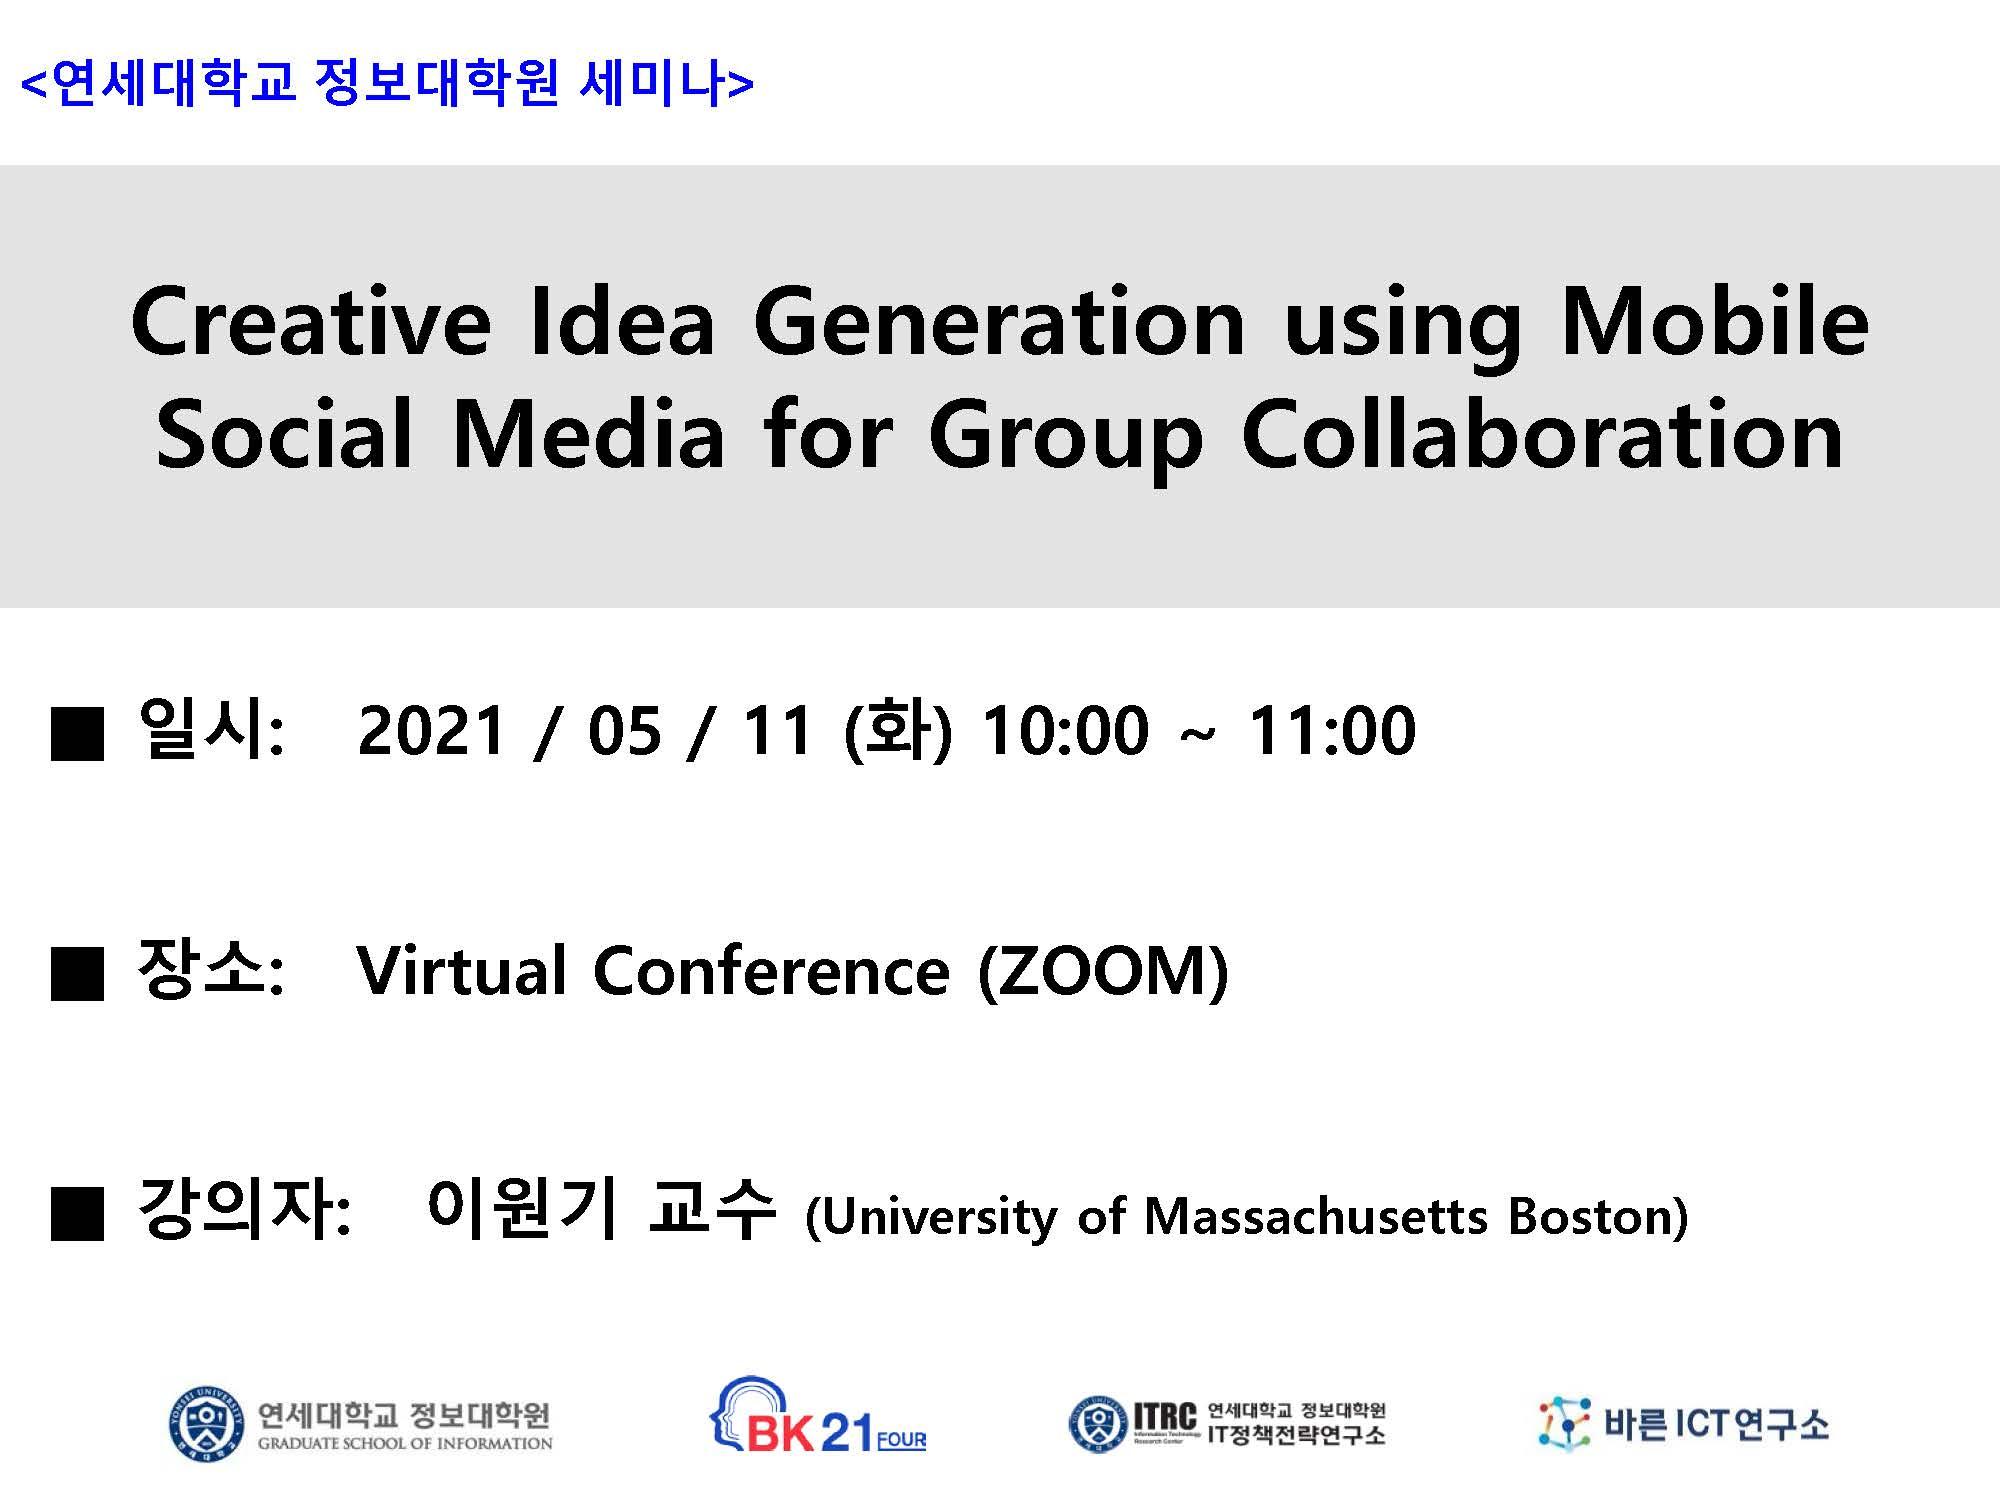 5월 11일 (화) Creative Idea Generation Using Mobile Social Media For Group Collaboration